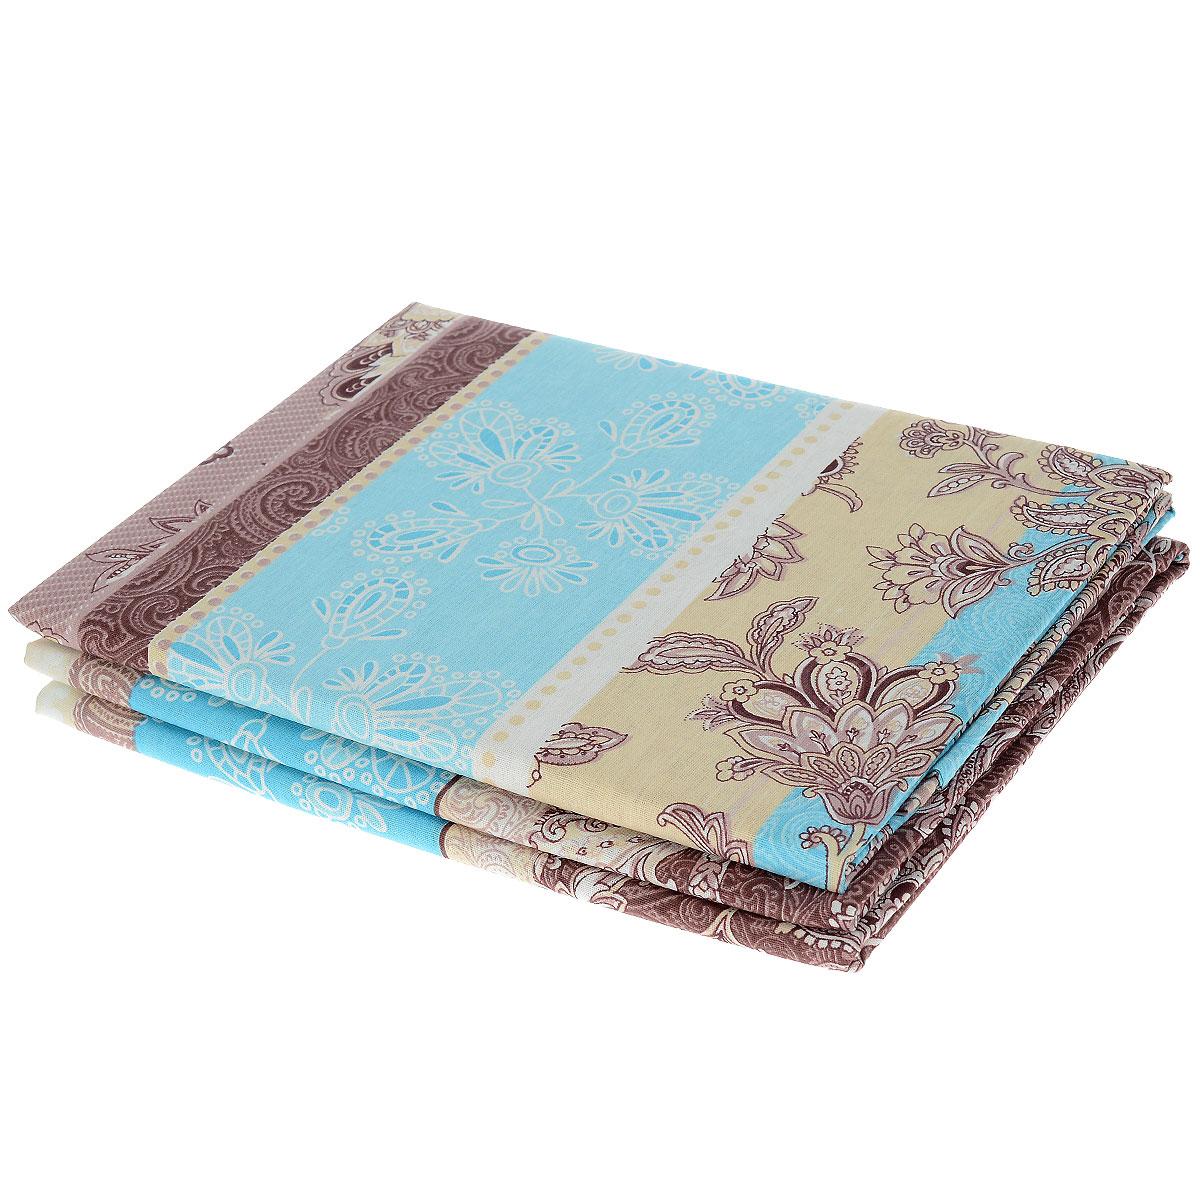 """Комплект белья Олеся """"Летний комплект. Цветочный дождь"""", 2-спальный, наволочки 70х70, цвет: бежевый, голубой"""